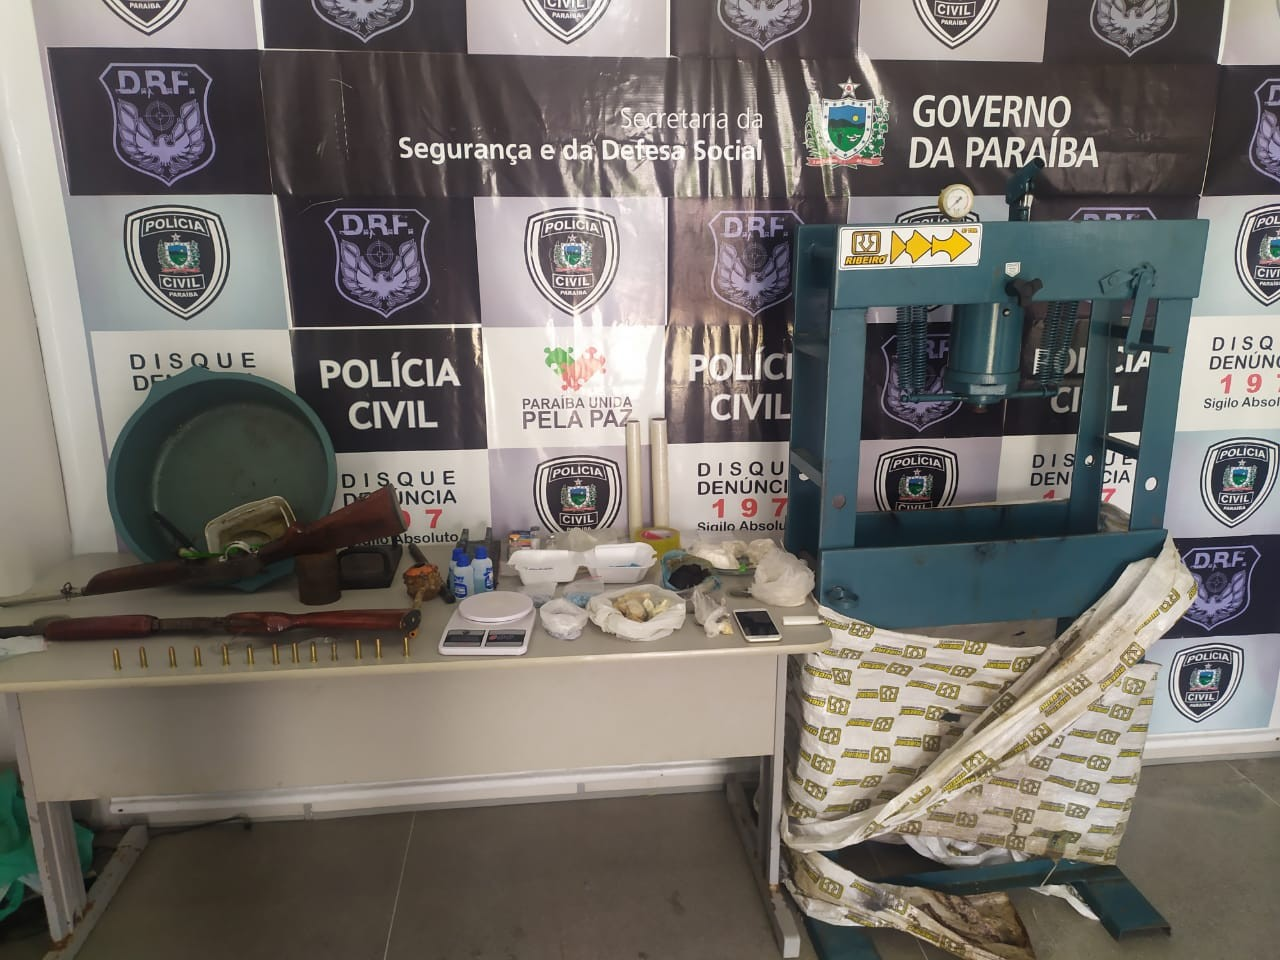 Homem é preso com drogas, armas e uma prensa, em Campina Grande